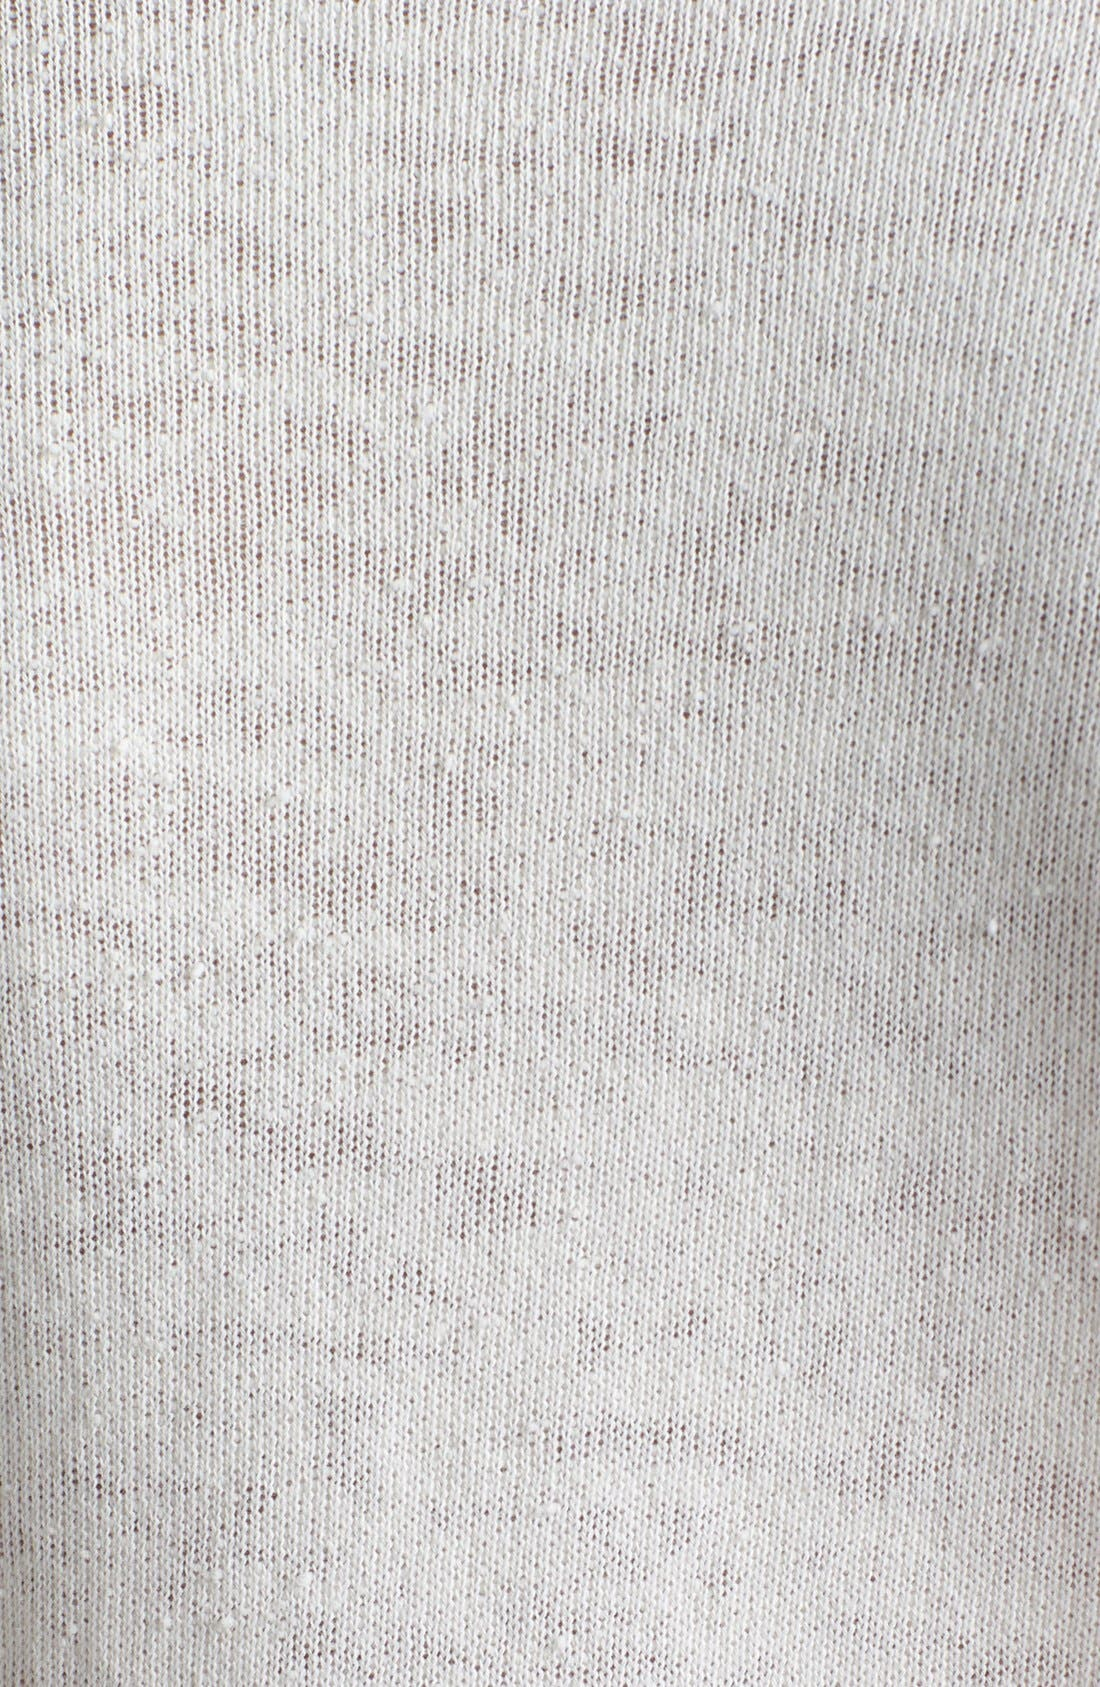 '1974 Nantucket' Sweatshirt,                             Alternate thumbnail 4, color,                             110